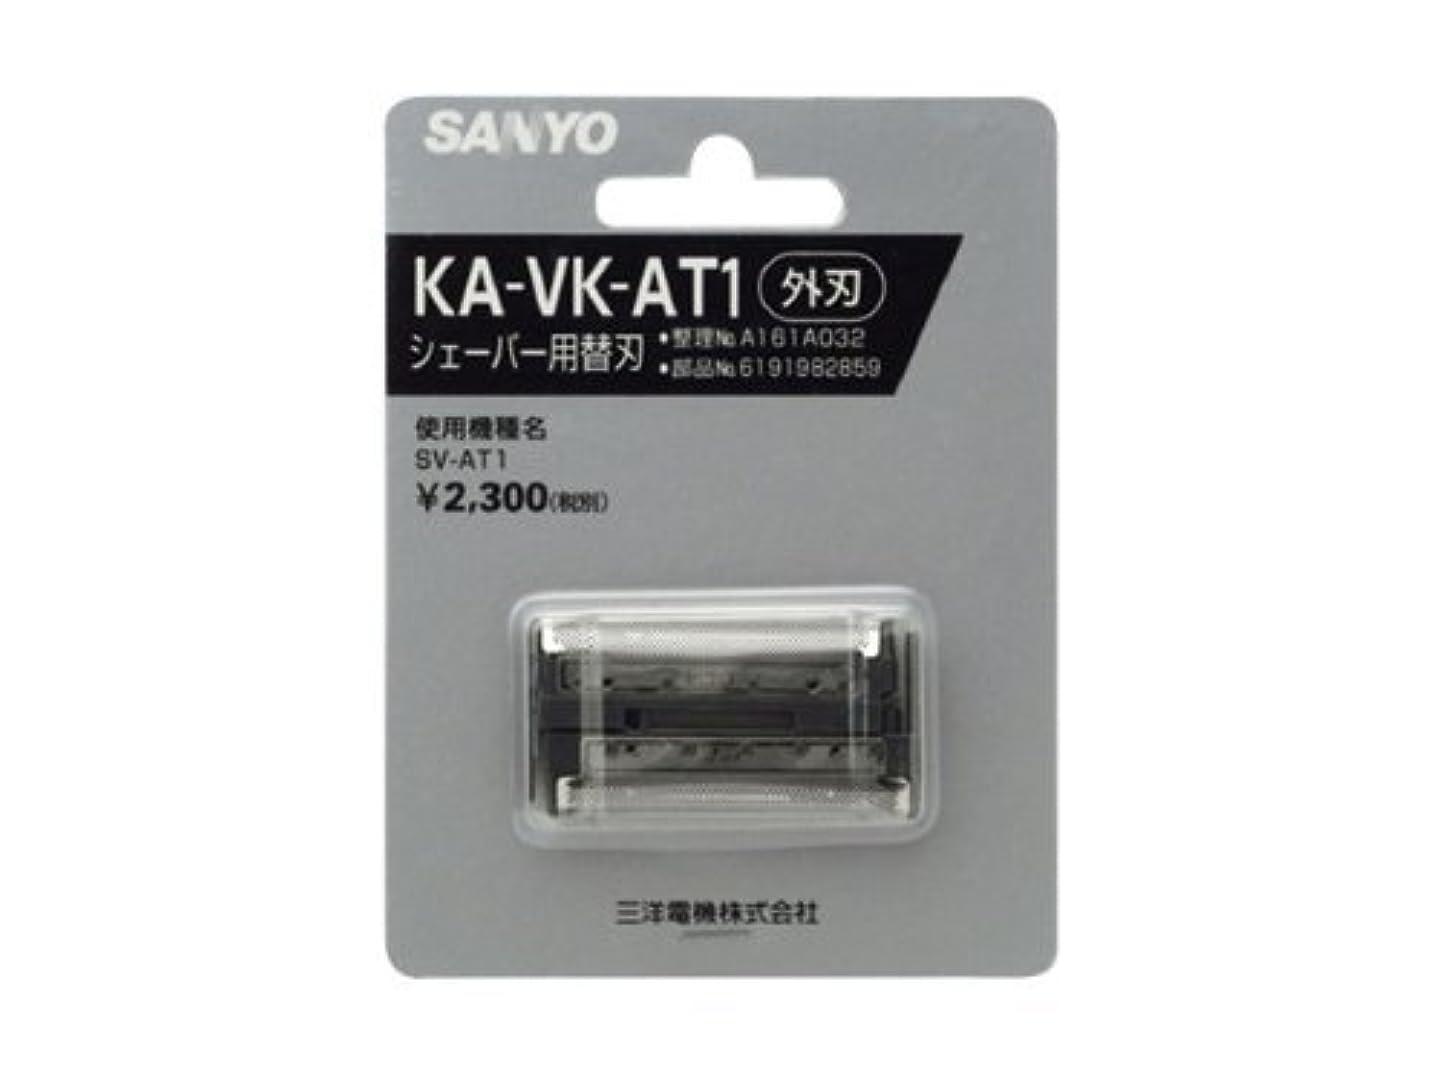 締め切りマーキー研磨剤Panasonic シェーバー用替刃 外刃 6191982859